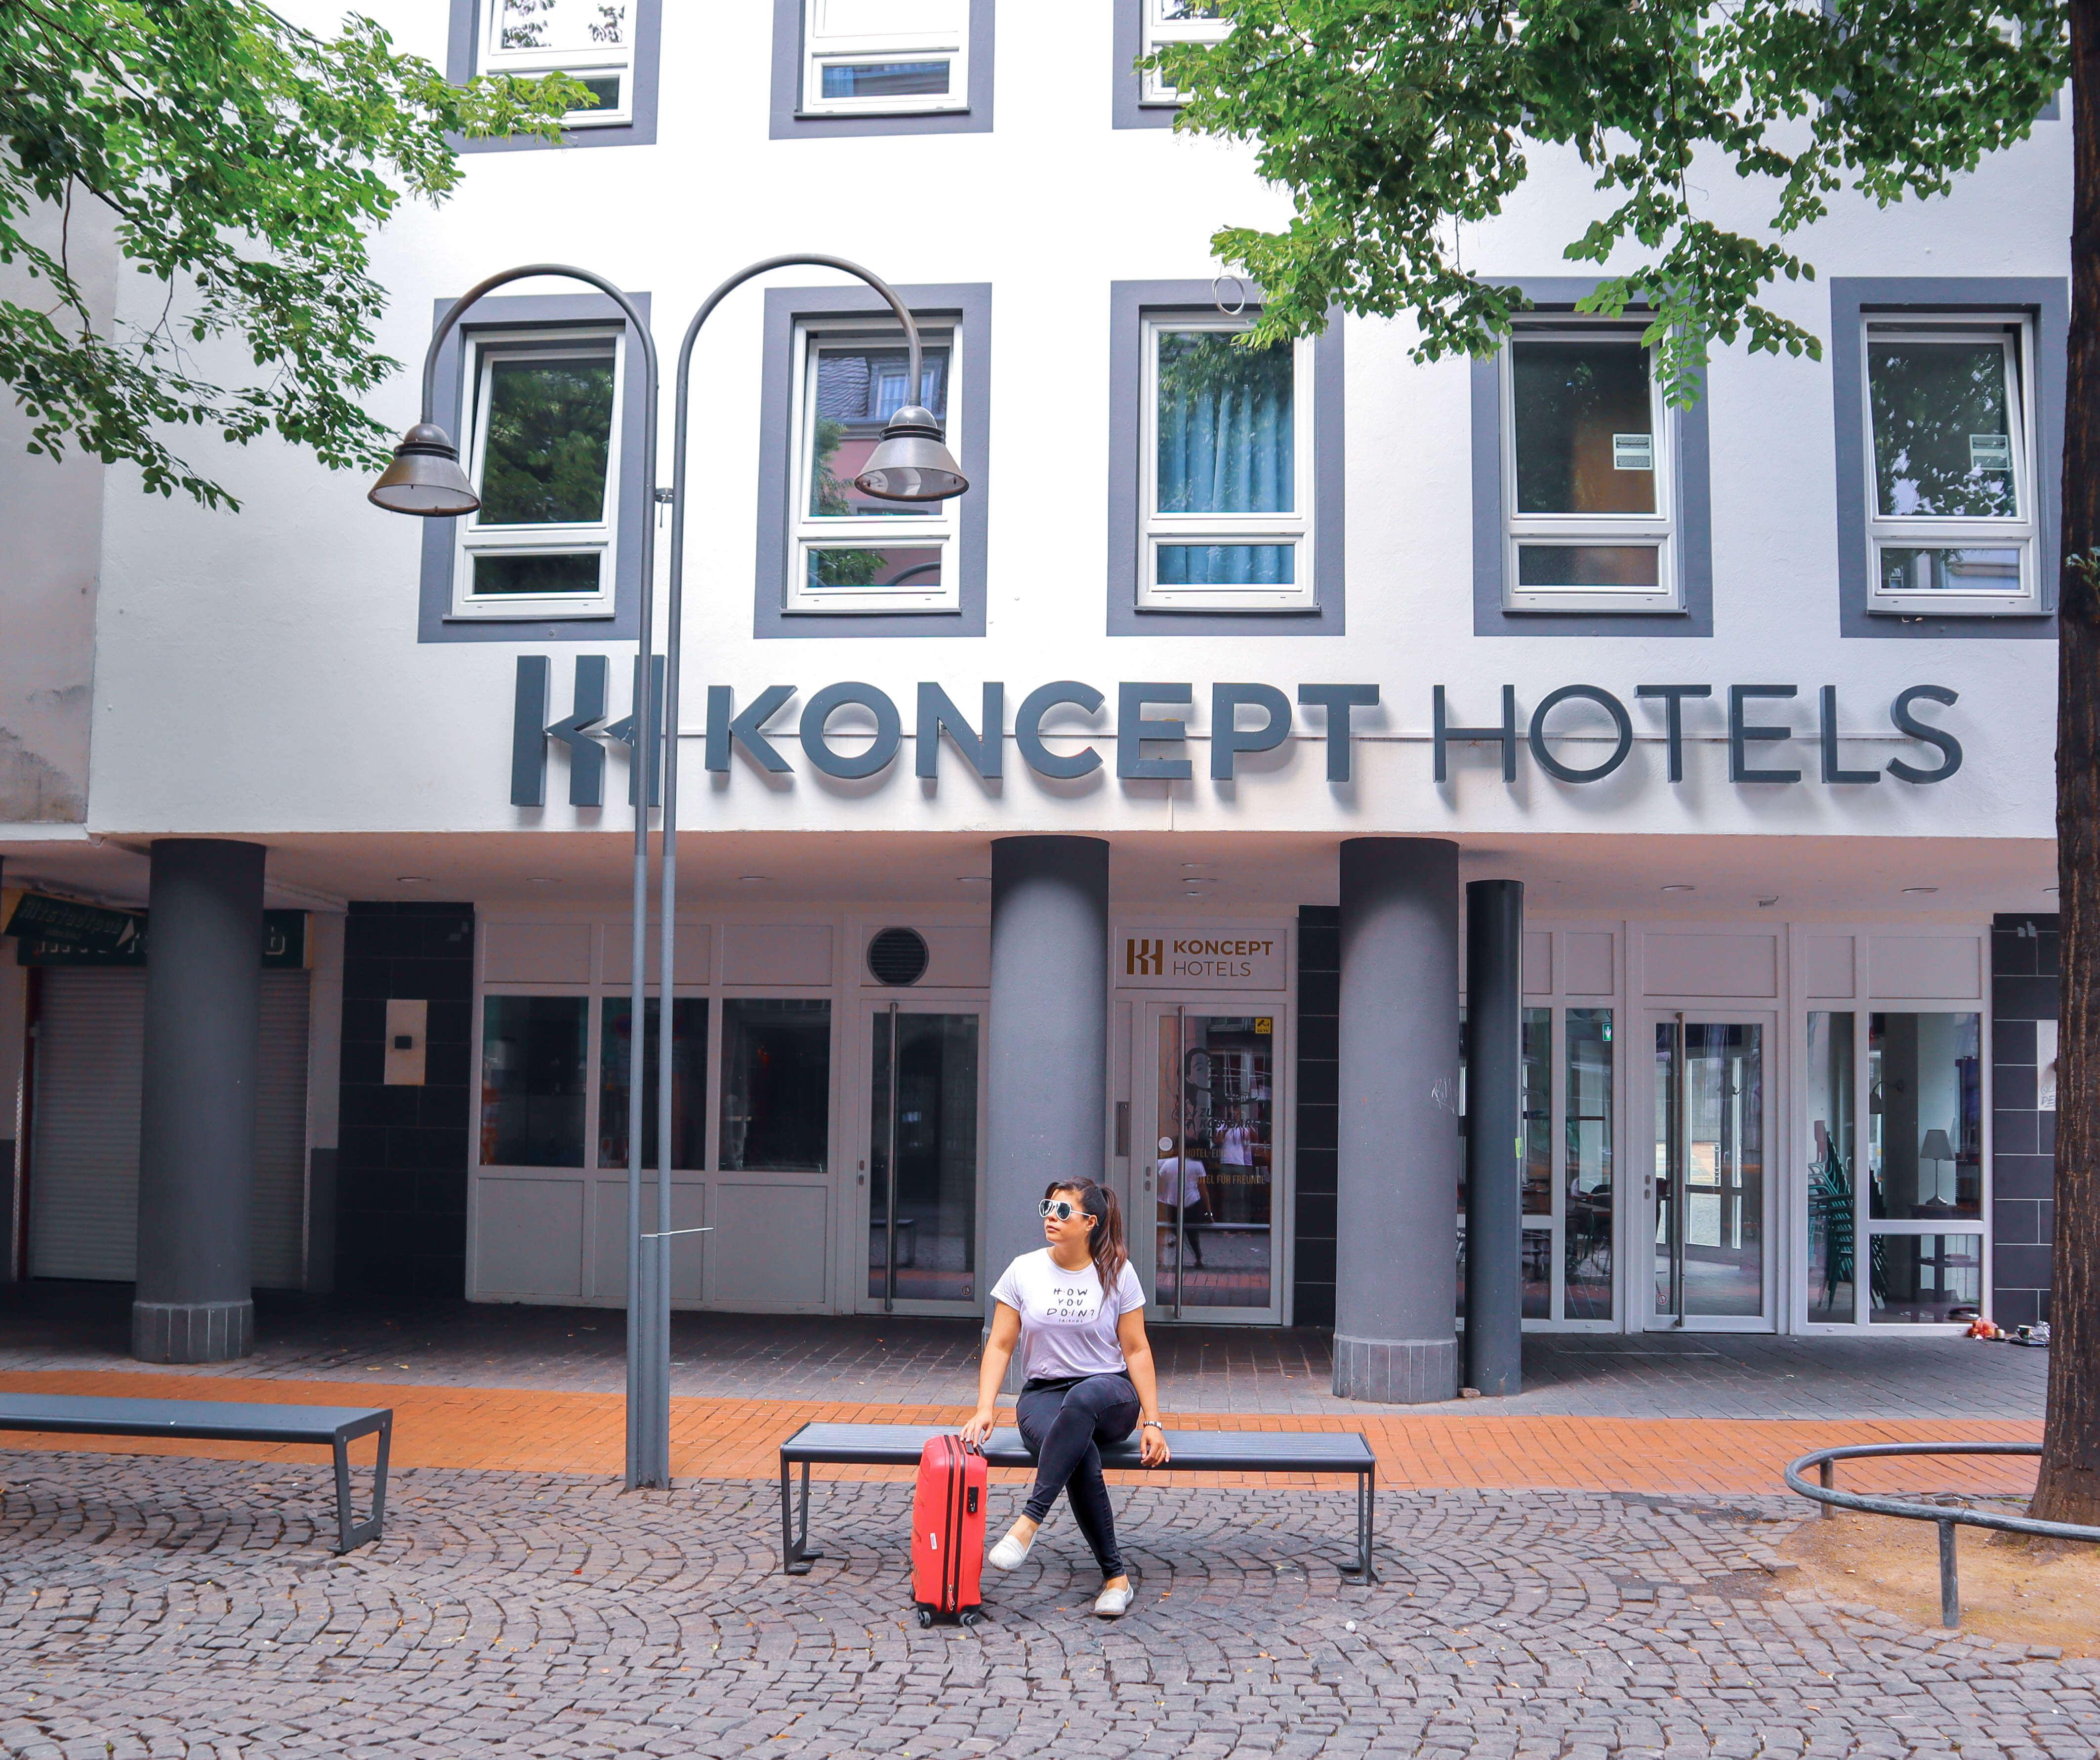 Koncept Hotel in Keulen